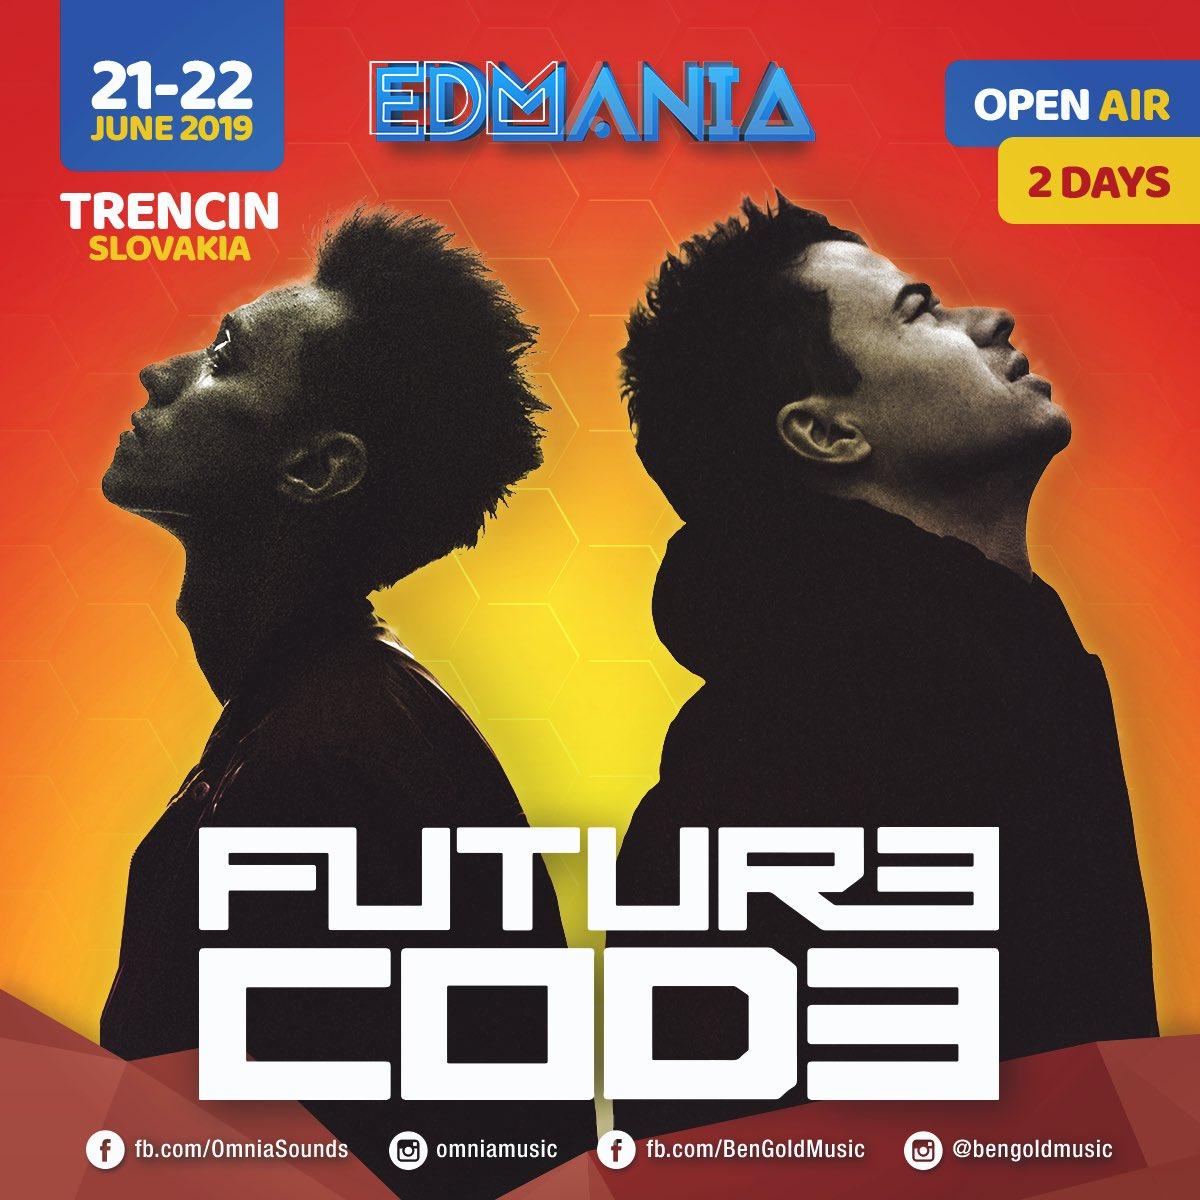 FUTURECODEmusic photo